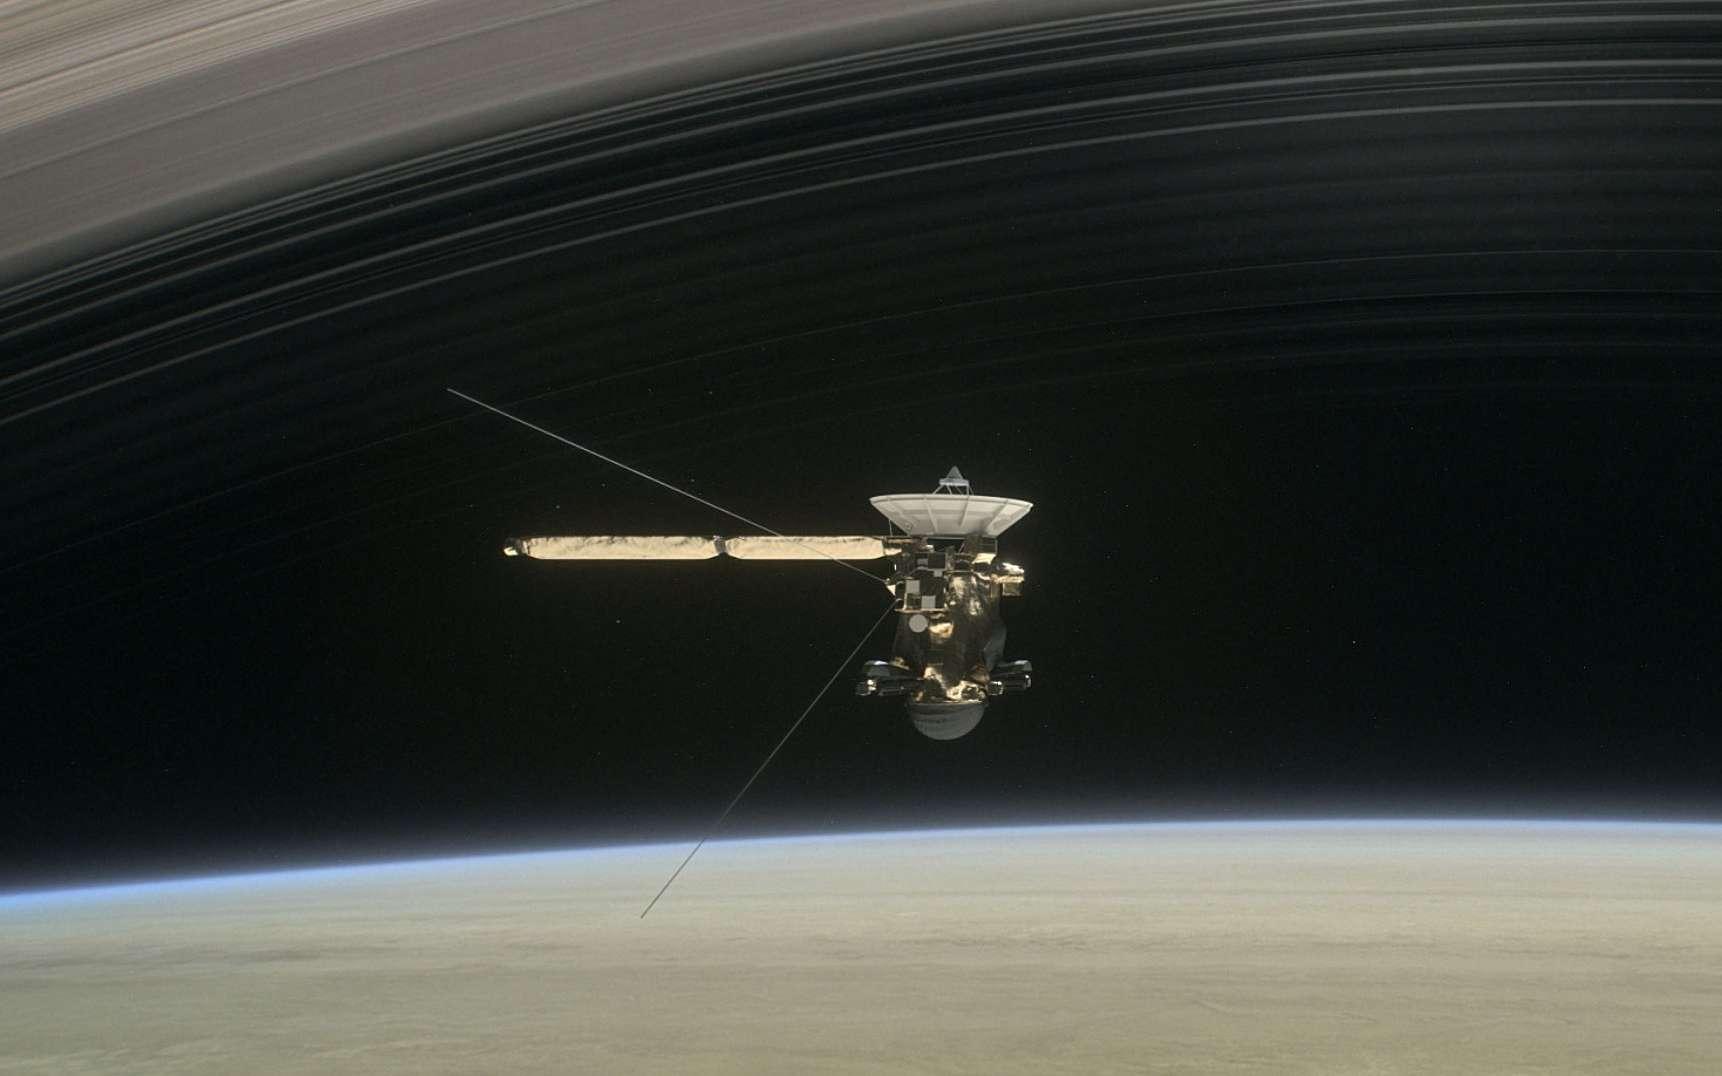 Une vue d'artiste de la mission Cassini avant son plongeon final dans Saturne. © Nasa, JPL-Caltech